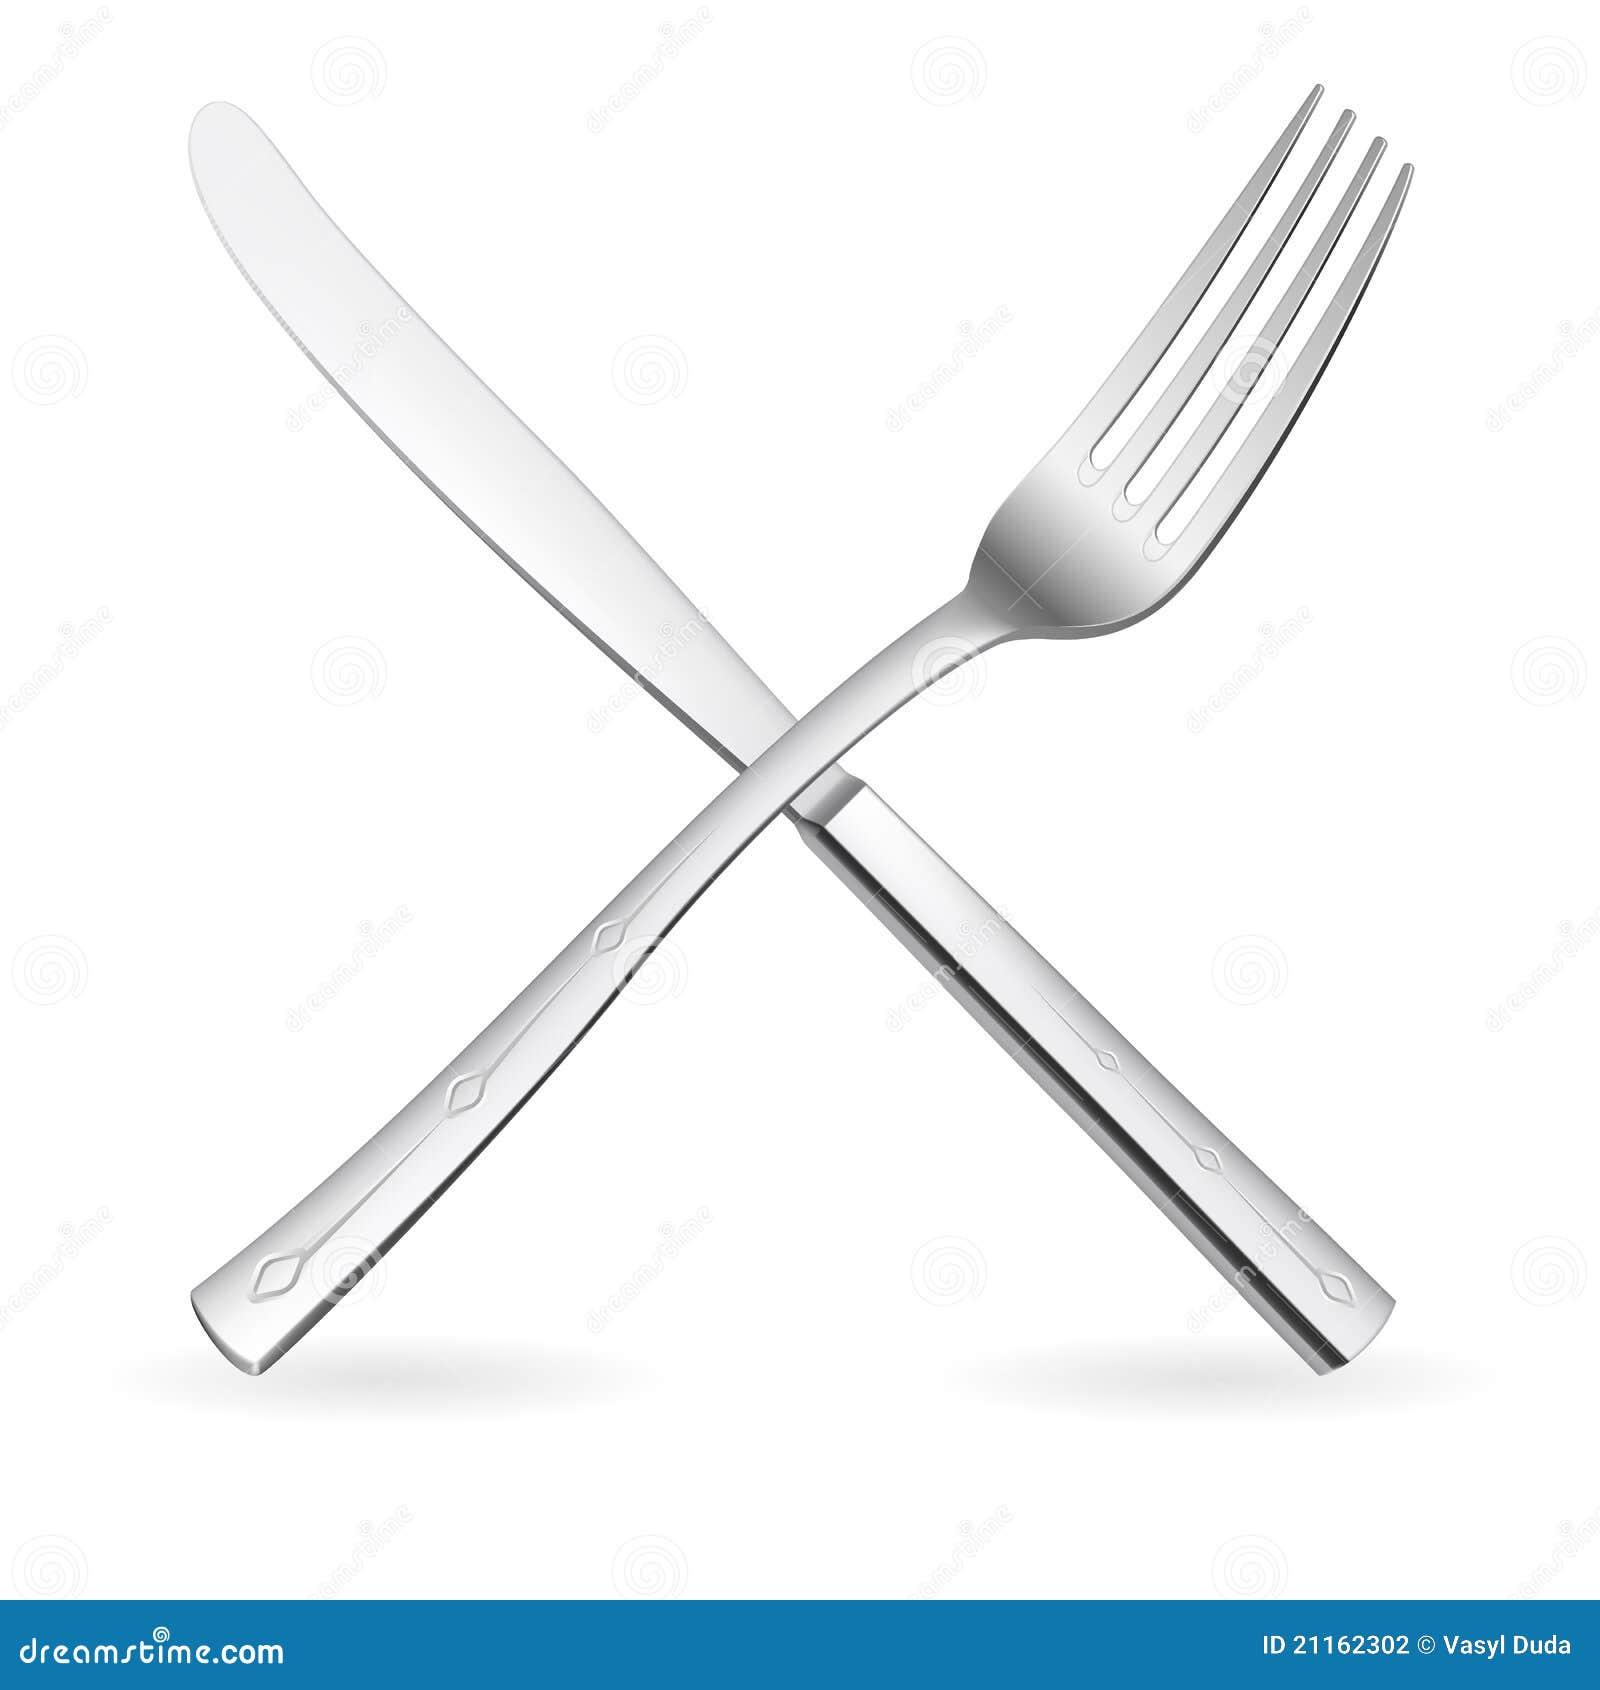 Fourchettes et couteaux